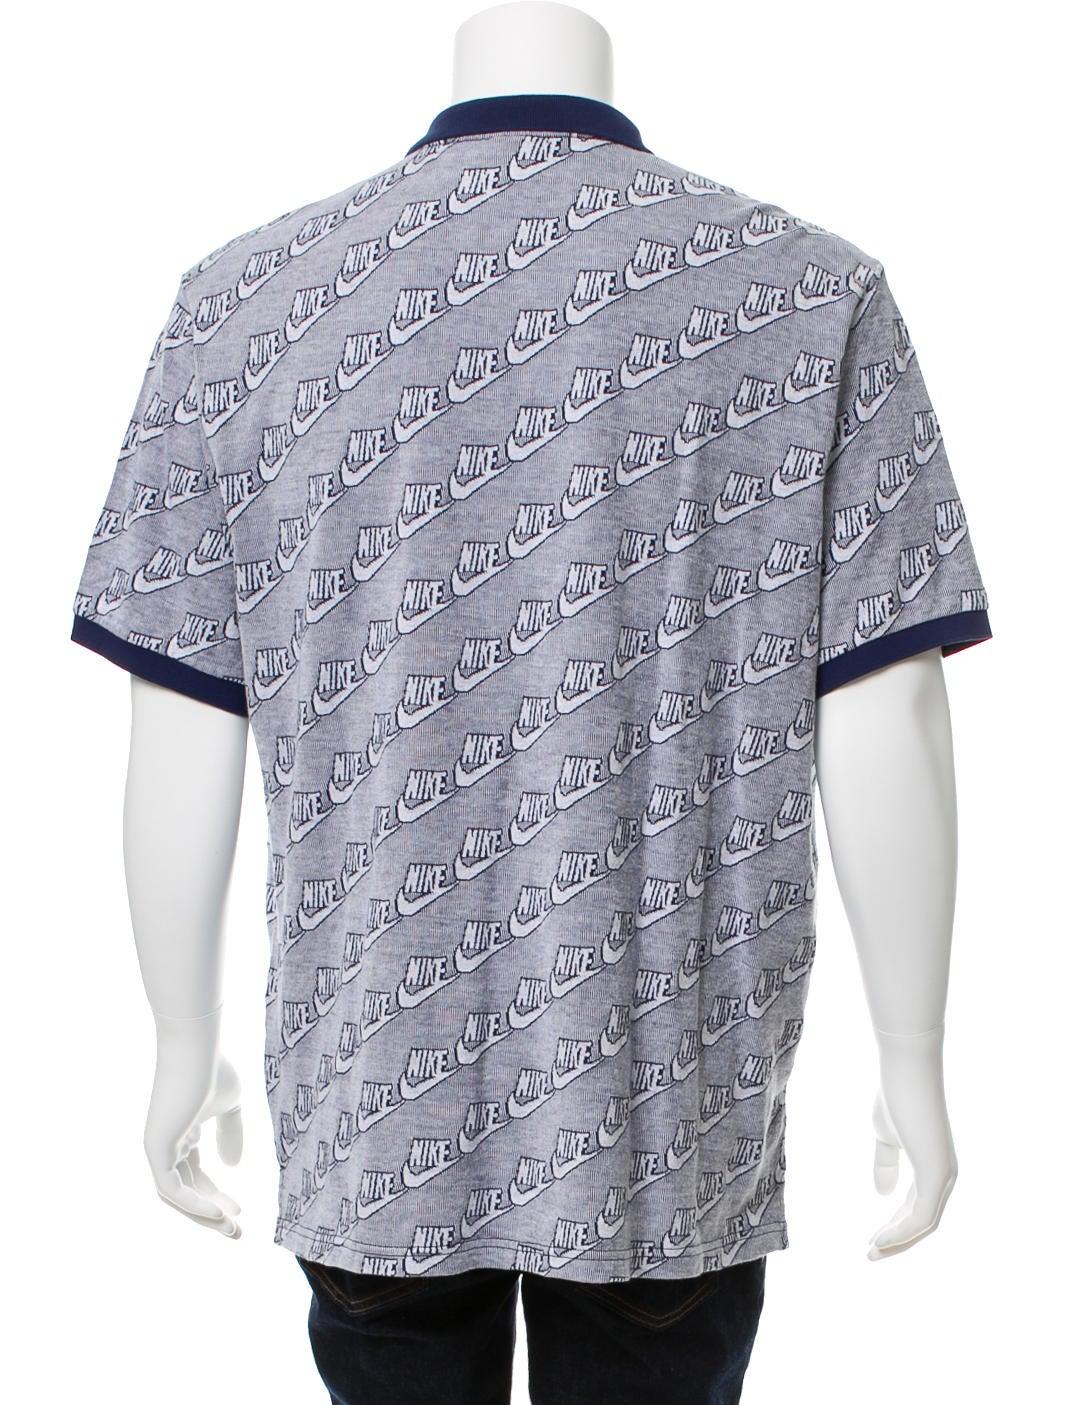 supreme x nike polo shirt